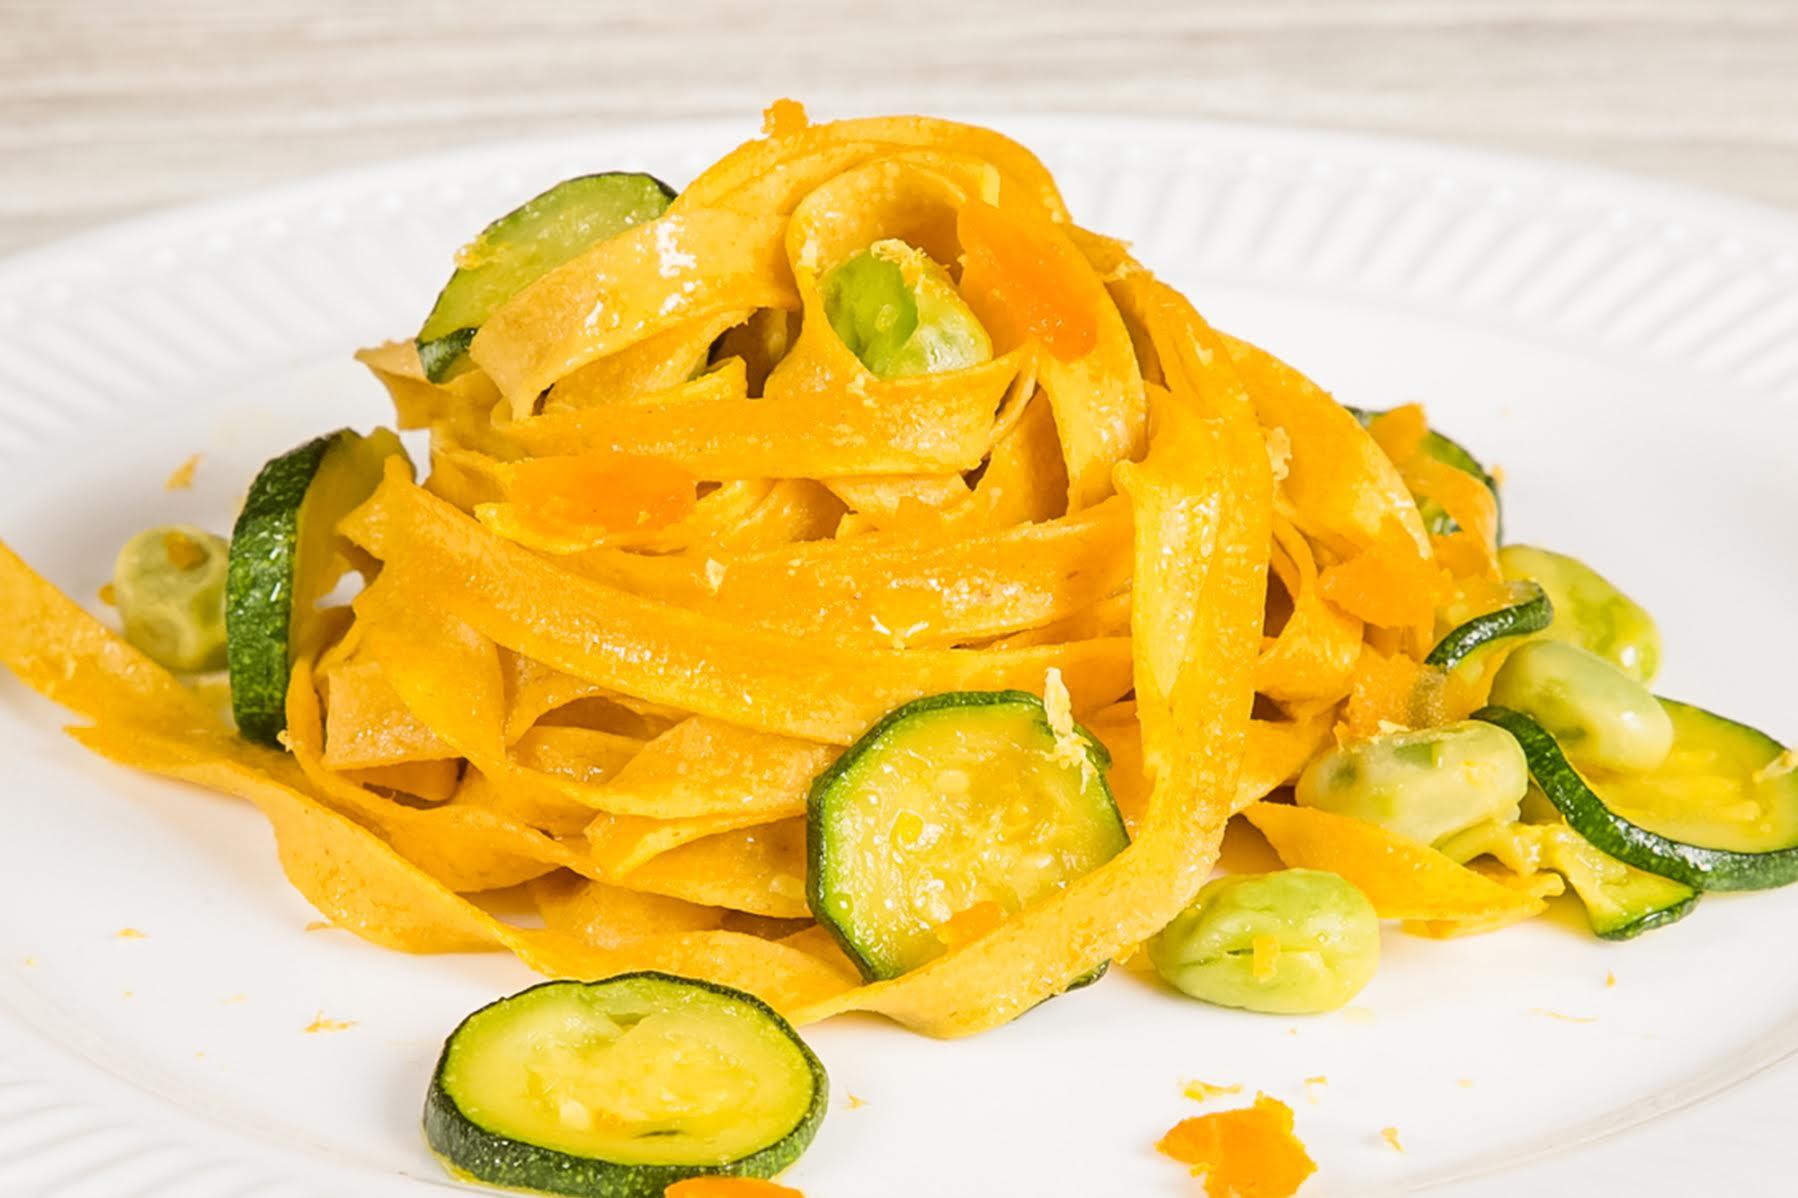 Dalla foodblogger più amata dagli italiani e la Signora delle Tagliatelle, nuove idee per la tua tavola...